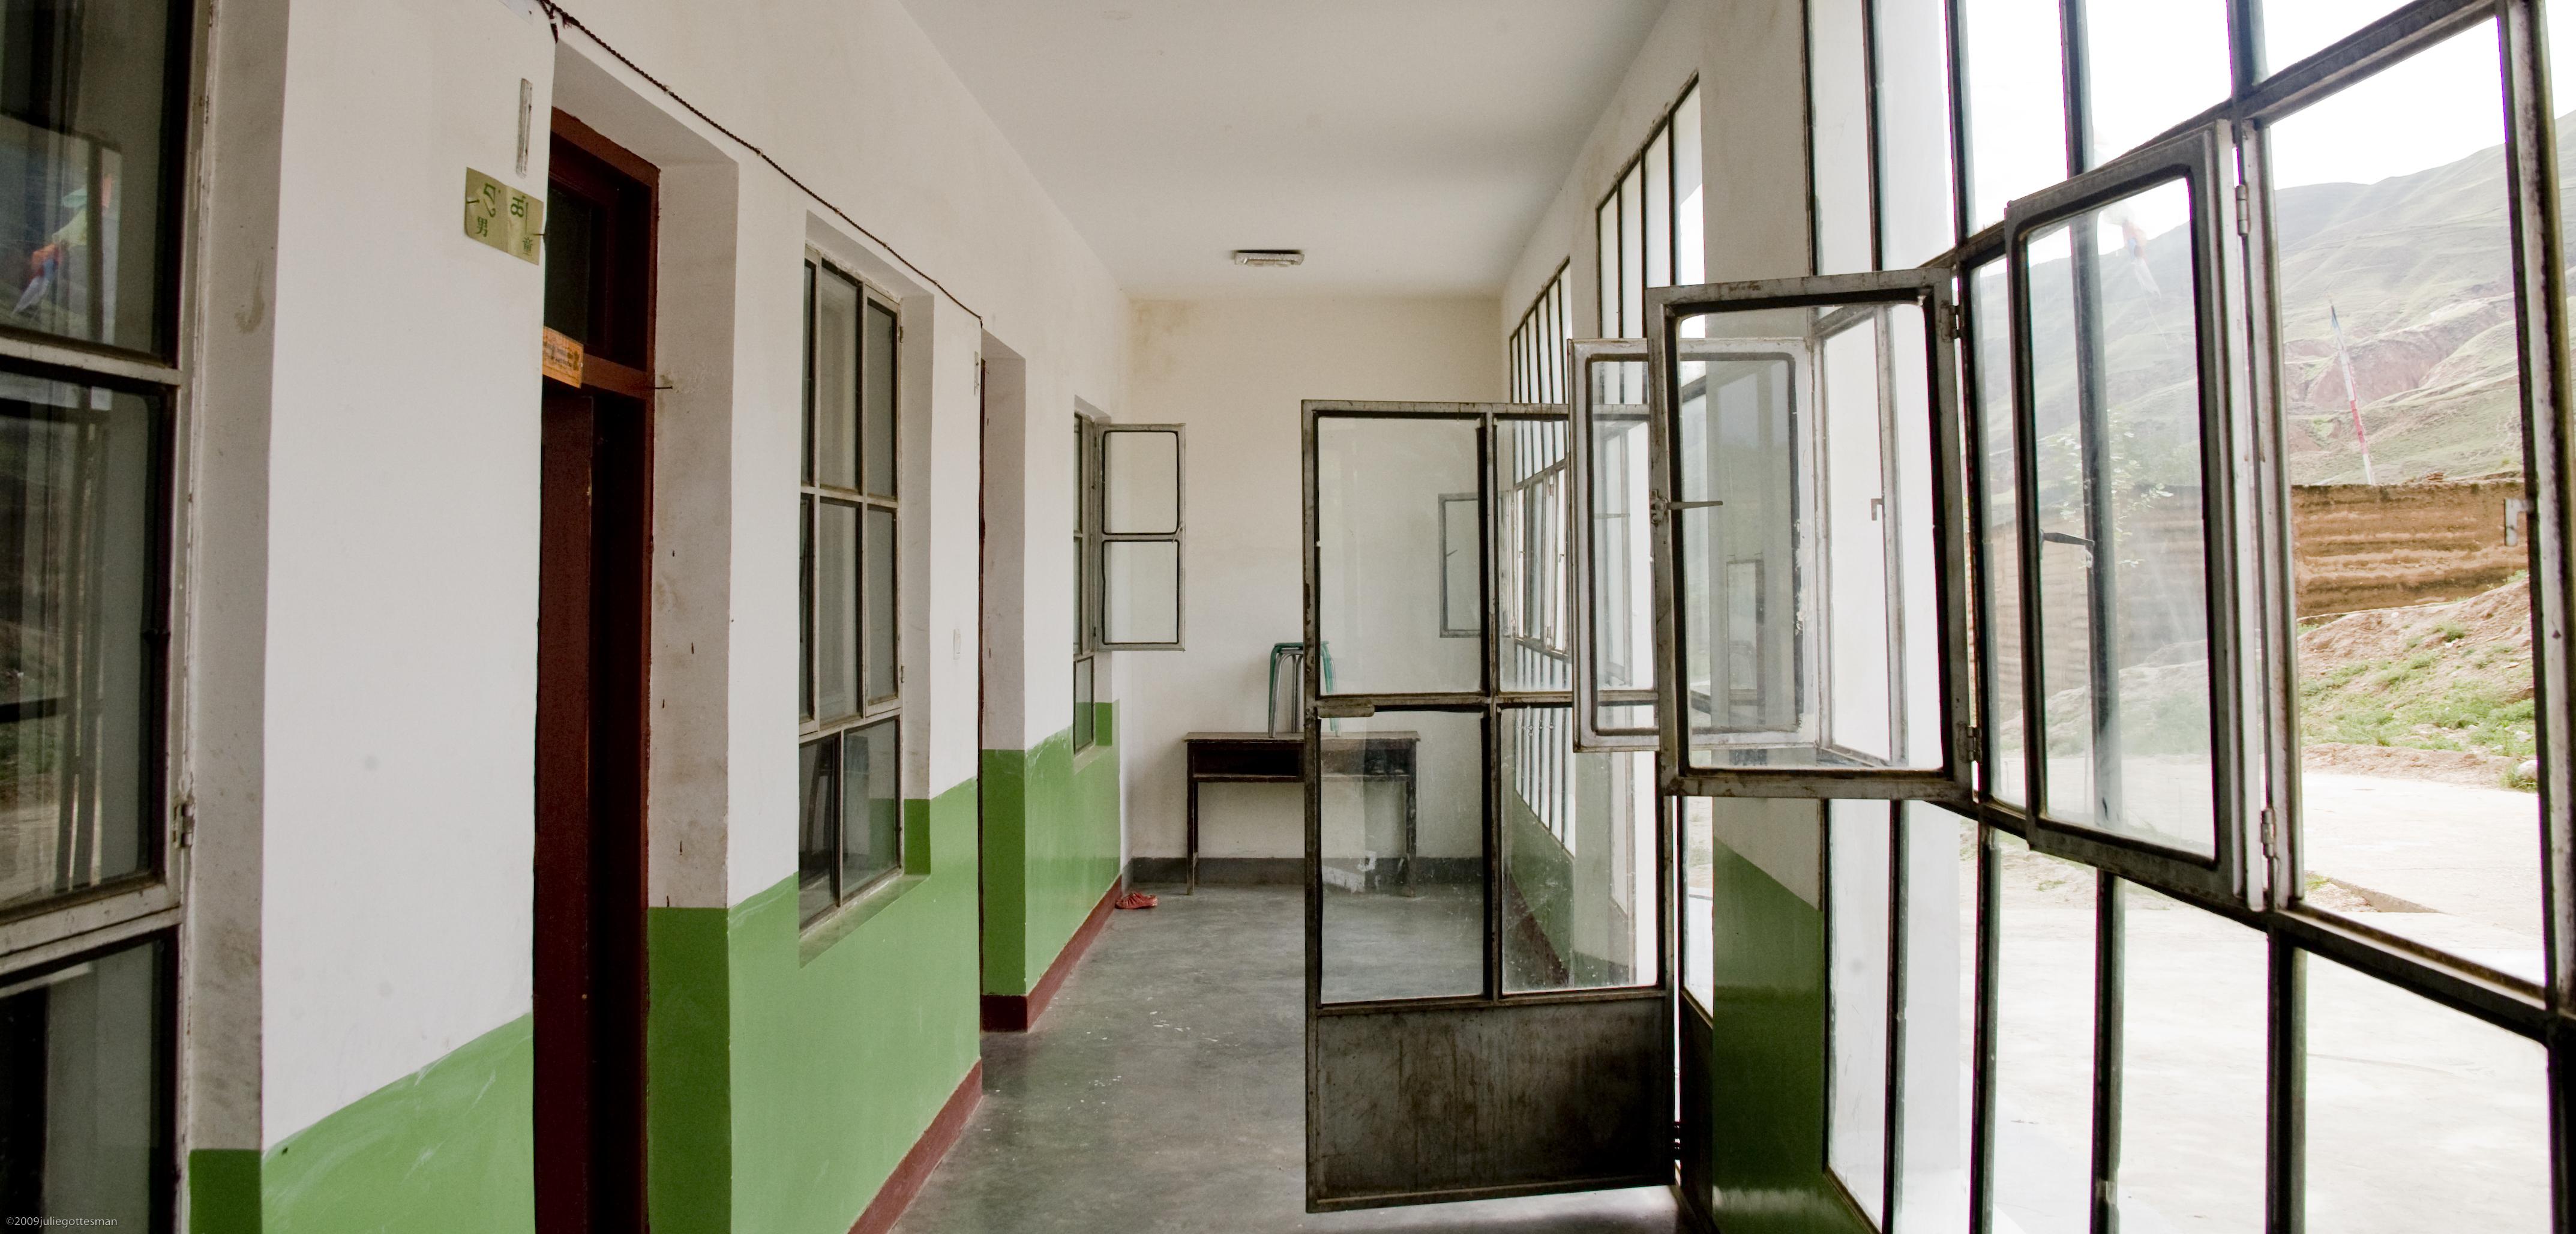 New dorms 2012